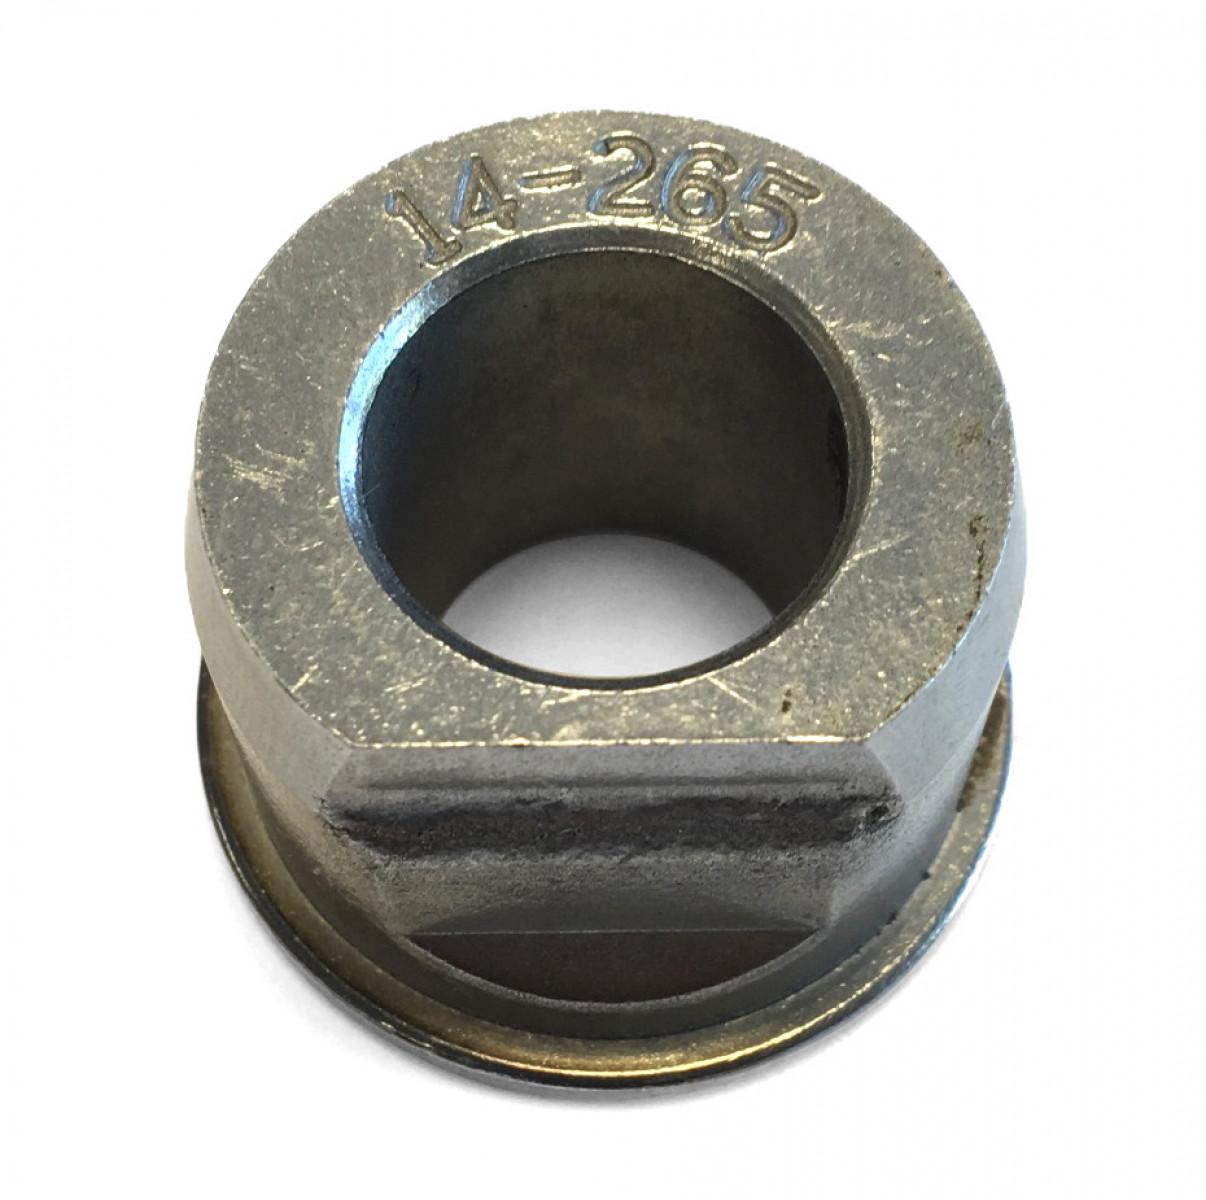 Puzdro kolesá pre traktor HUSQVARNA 532 00 90-40